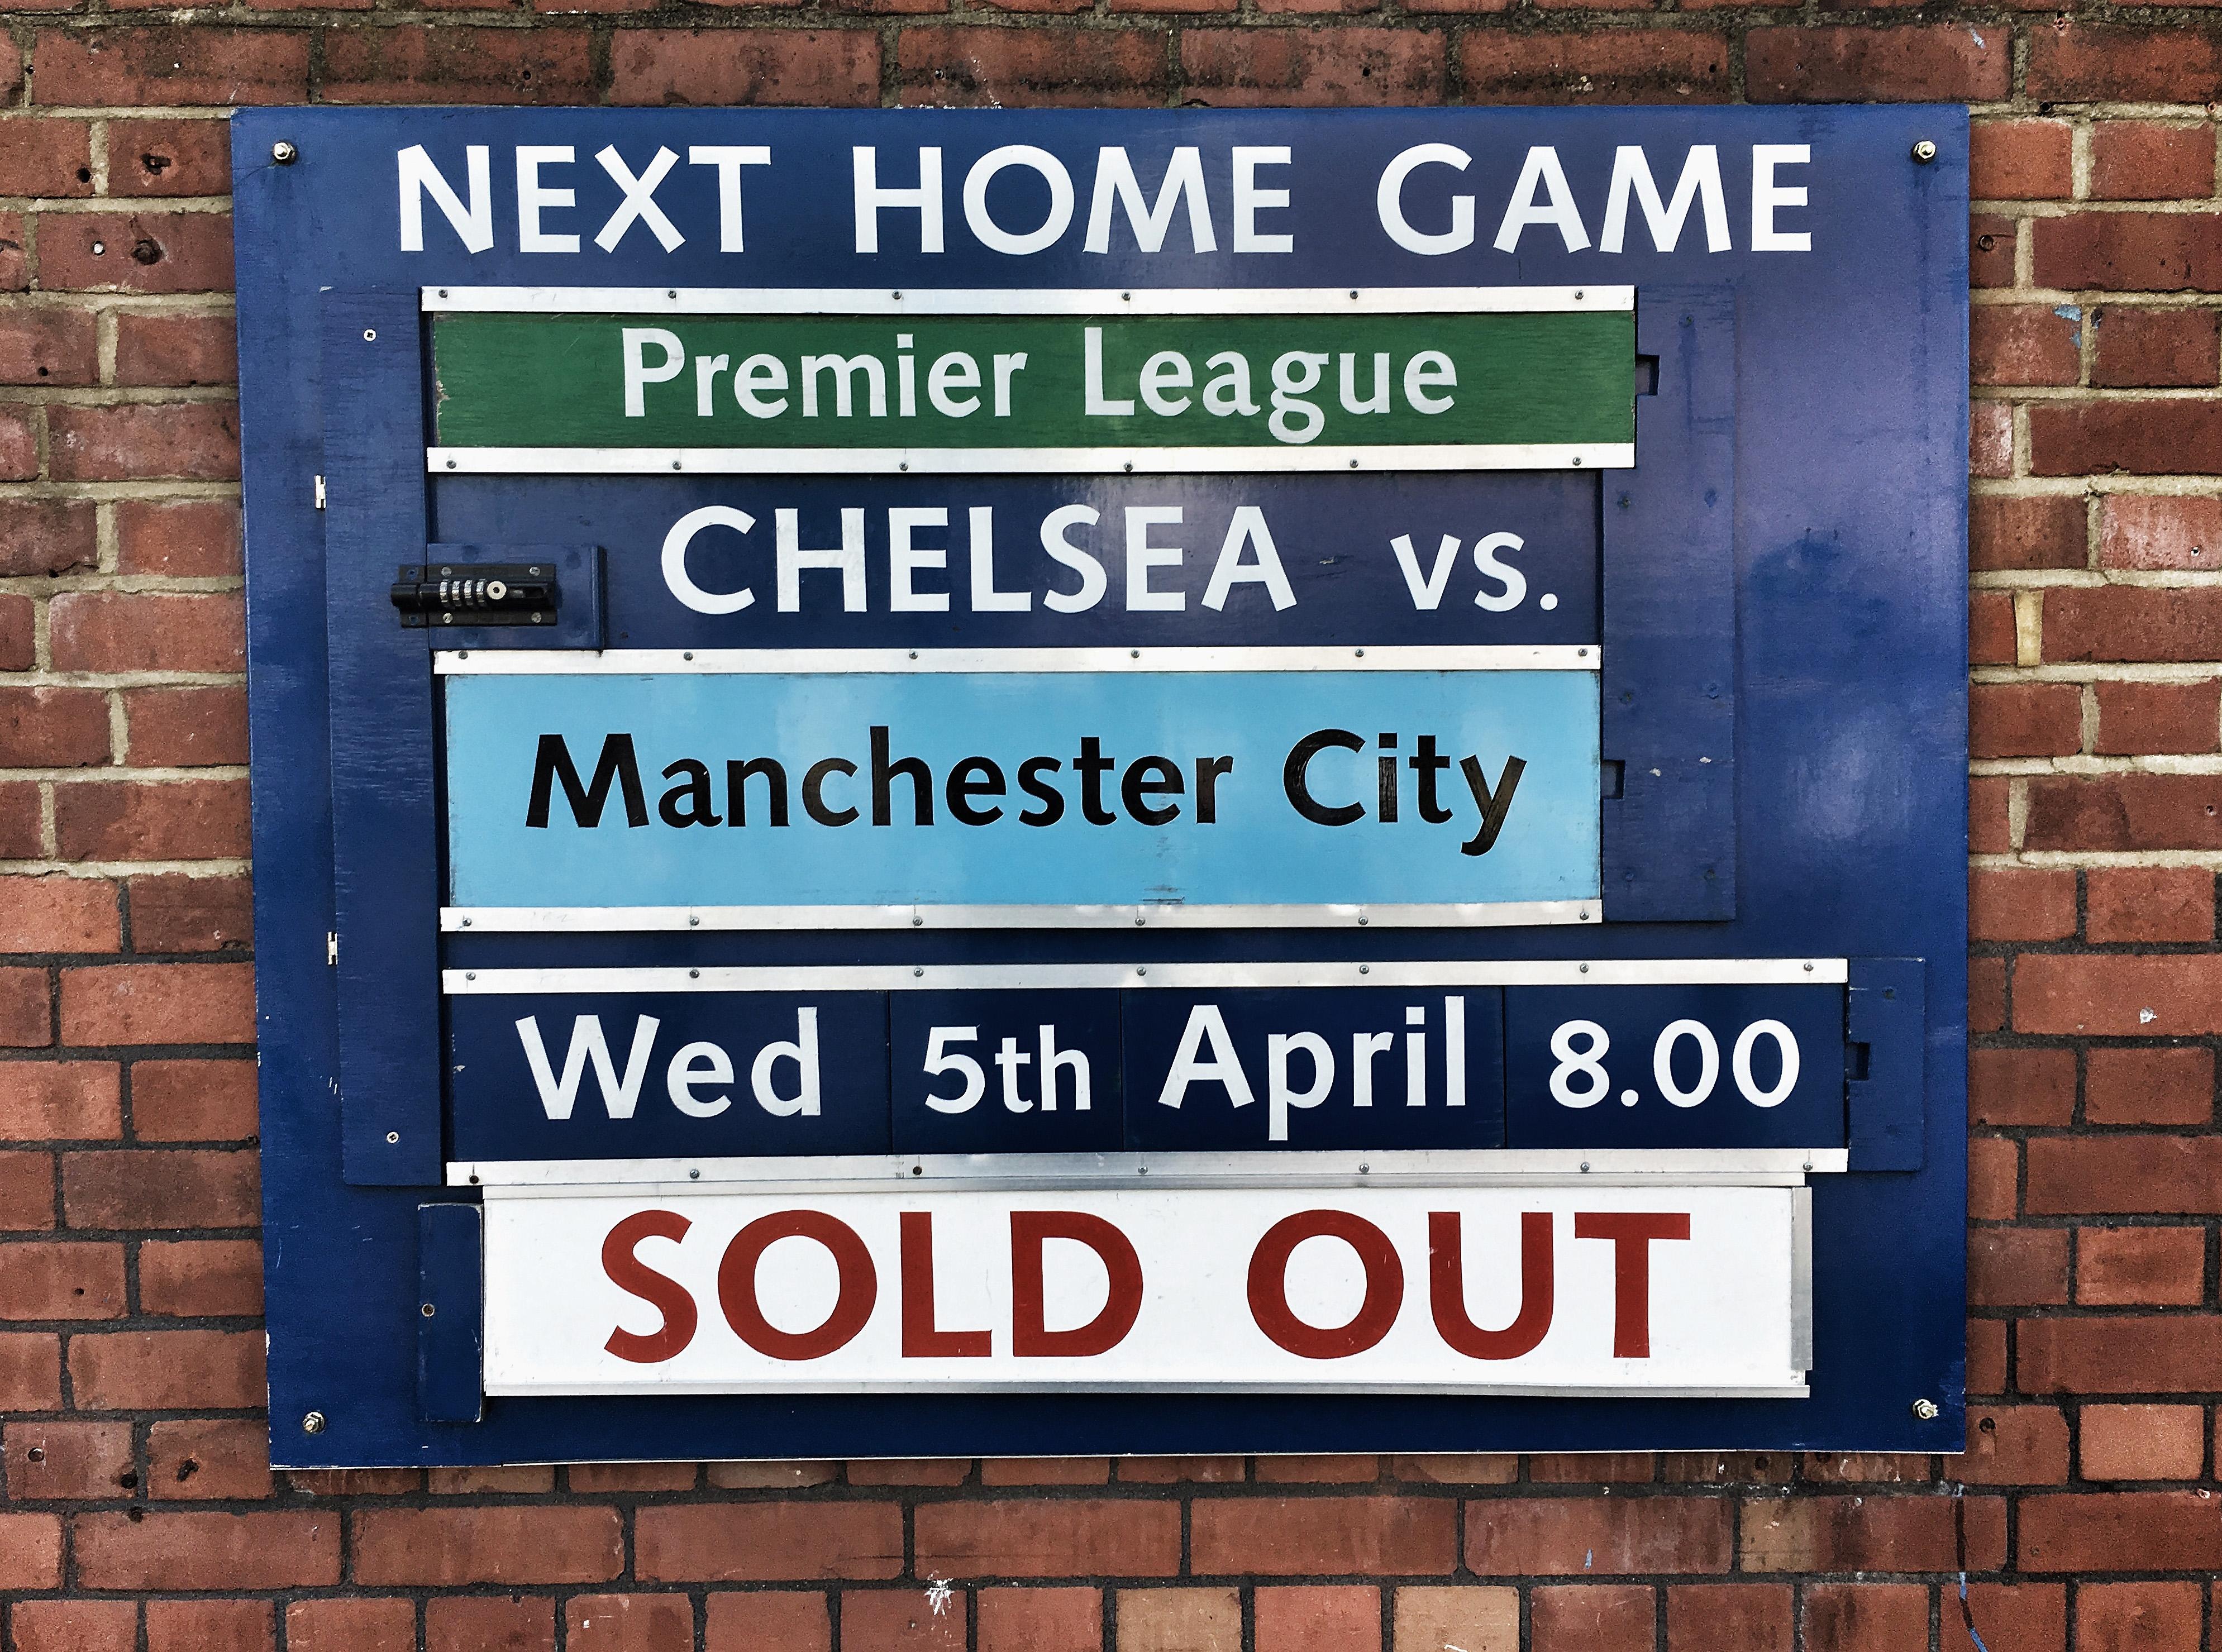 Chelsea fixtures board